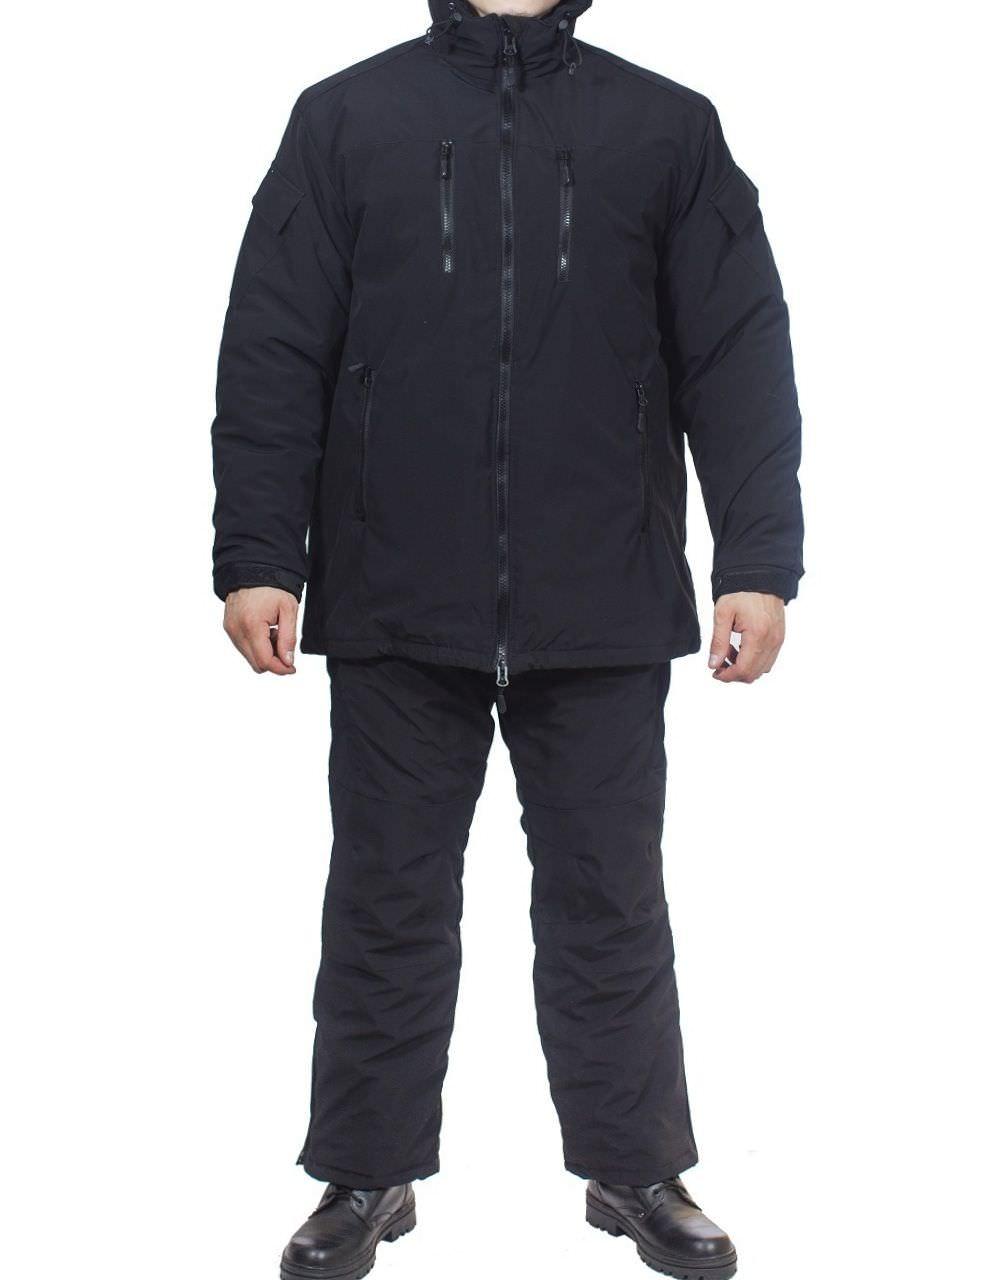 Костюм зимний МПА-38-01 (мембрана, черный), Костюмы утепленные<br>Костюм состоит из брюк с плечевой разгрузочной <br>системой, а также куртки со съемным капюшоном <br>и утепляющей подкладкой. Разработан для <br>подразделений воооруженных сил, действующих <br>в условиях экстремального холода (до -50 <br>градусов Цельсия). ХАРАКТЕРИСТИКИ ЗАЩИТА <br>ОТ ХОЛОДА ДЛЯ ИНТЕНСИВНЫХ НАГРУЗОК ДЛЯ <br>АКТИВНОГО ОТДЫХА ТОЛЬКО РУЧНАЯ СТИРКА МАТЕРИАЛЫ <br>МЕМБРАНА УТЕПЛИТЕЛЬ ФАЙБЕРСОФТ<br><br>Пол: мужской<br>Размер: 44<br>Рост: 164<br>Сезон: зима<br>Цвет: черный<br>Материал: мембрана